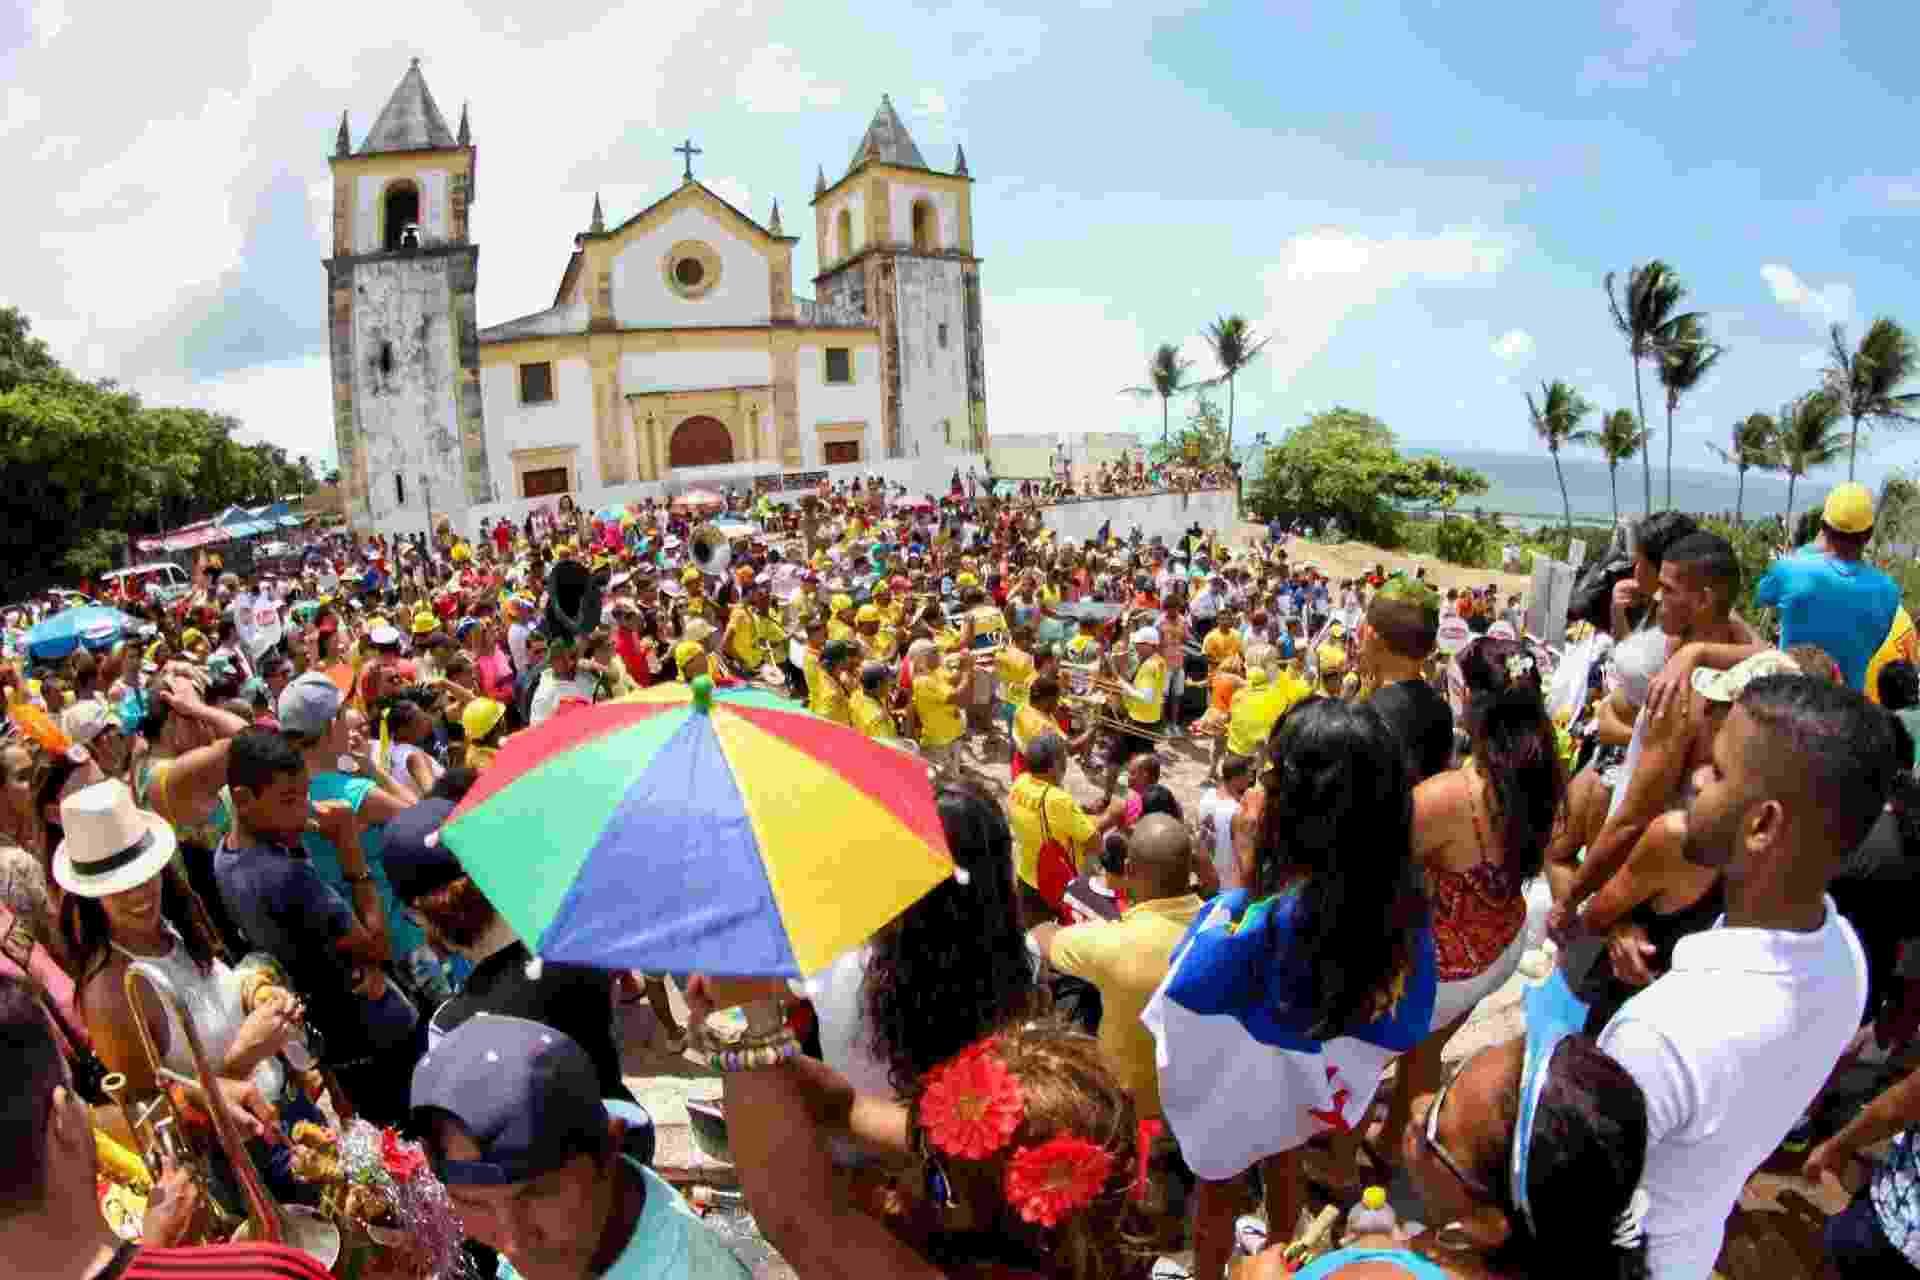 """Bloco """"Bacalhau do Batata"""" segue em Olinda - MARLON COSTA/FUTURA PRESS/ESTADÃO CONTEÚDO"""